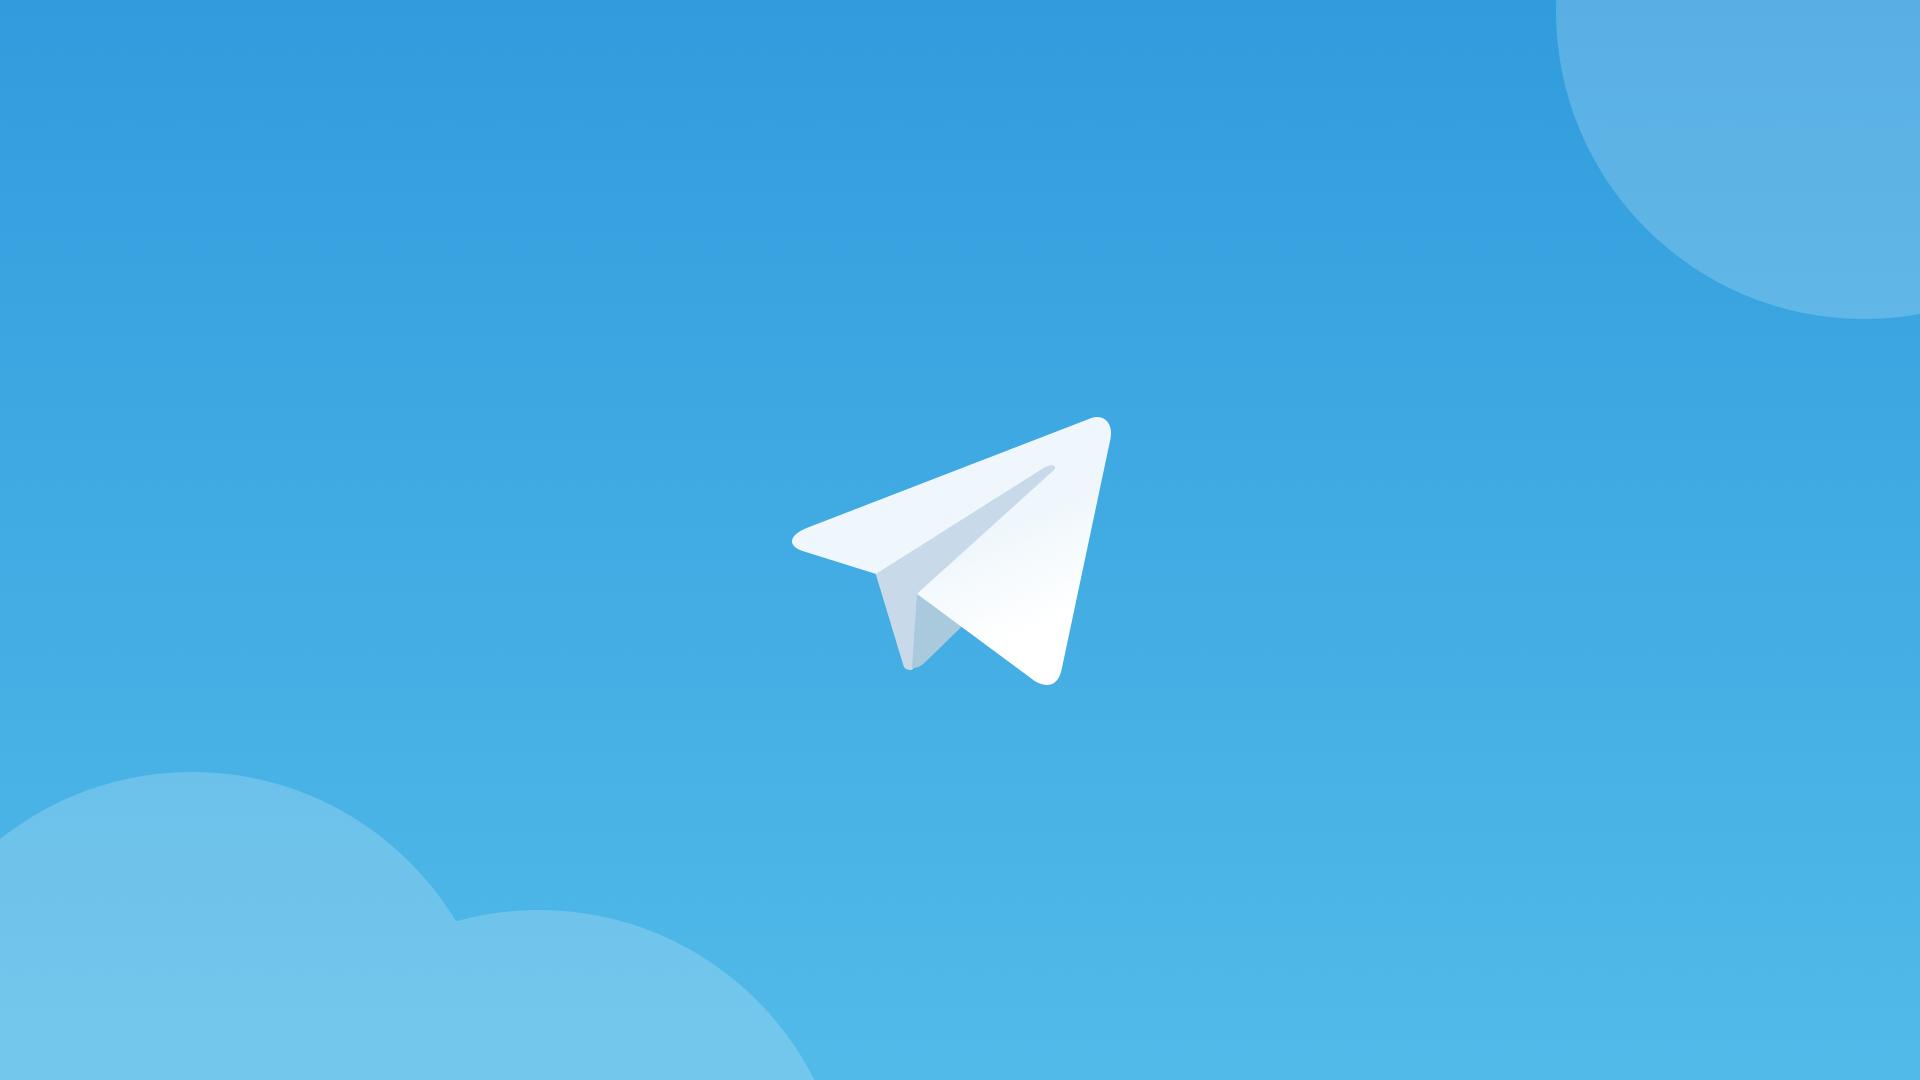 آموزش استفاده از ویژگی های جدید تلگرام